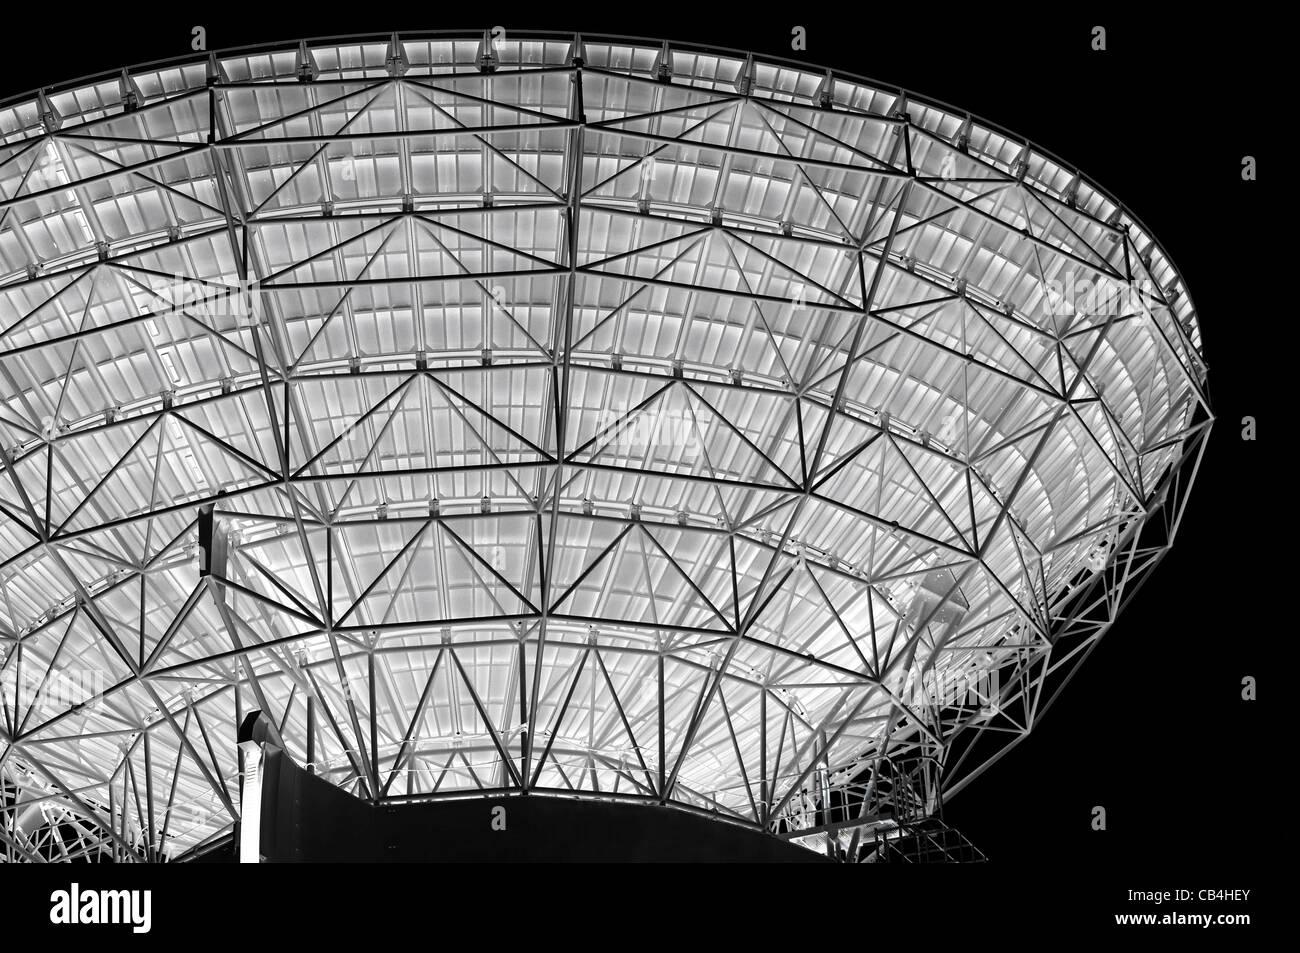 Negative Image of a huge Parabolic Antenna - Stock Image